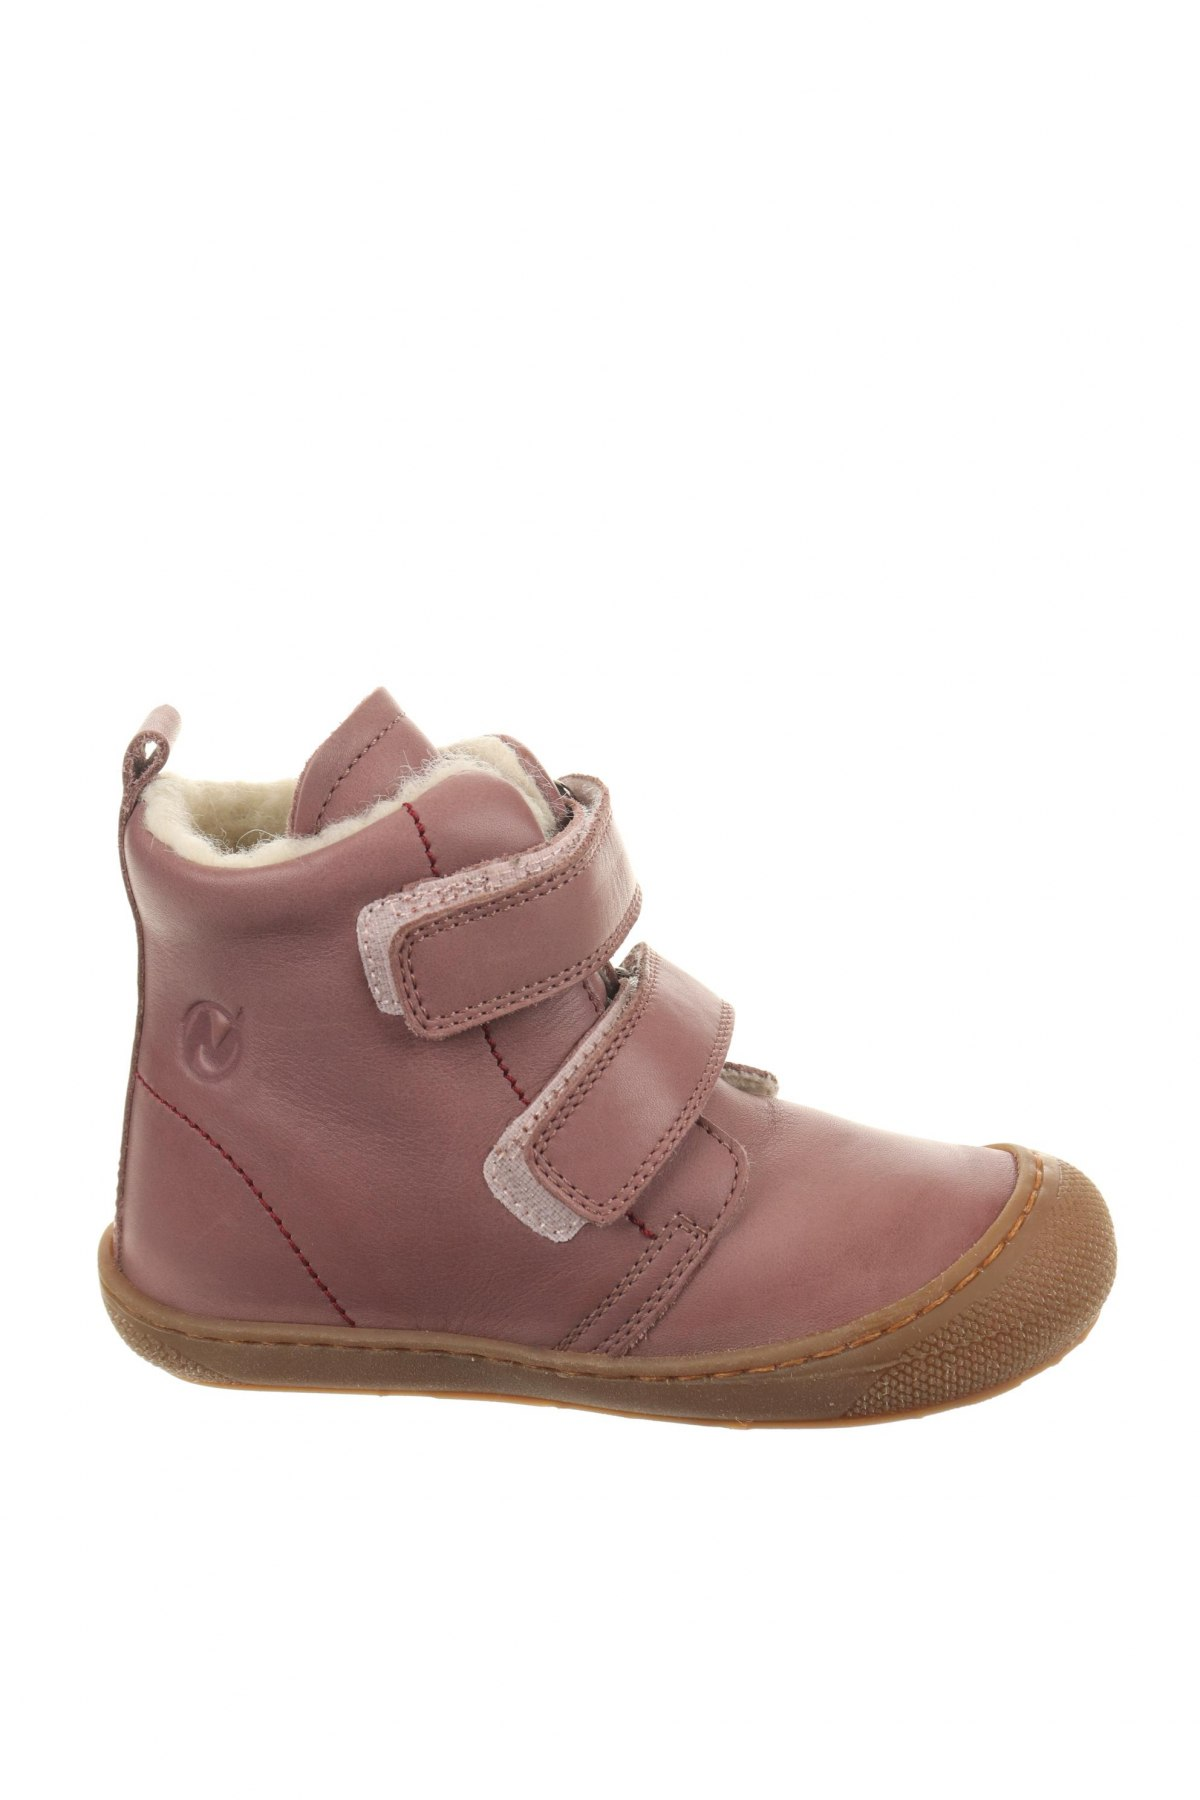 Παιδικά παπούτσια Naturino, Μέγεθος 25, Χρώμα Ρόζ , Γνήσιο δέρμα, Τιμή 42,24€